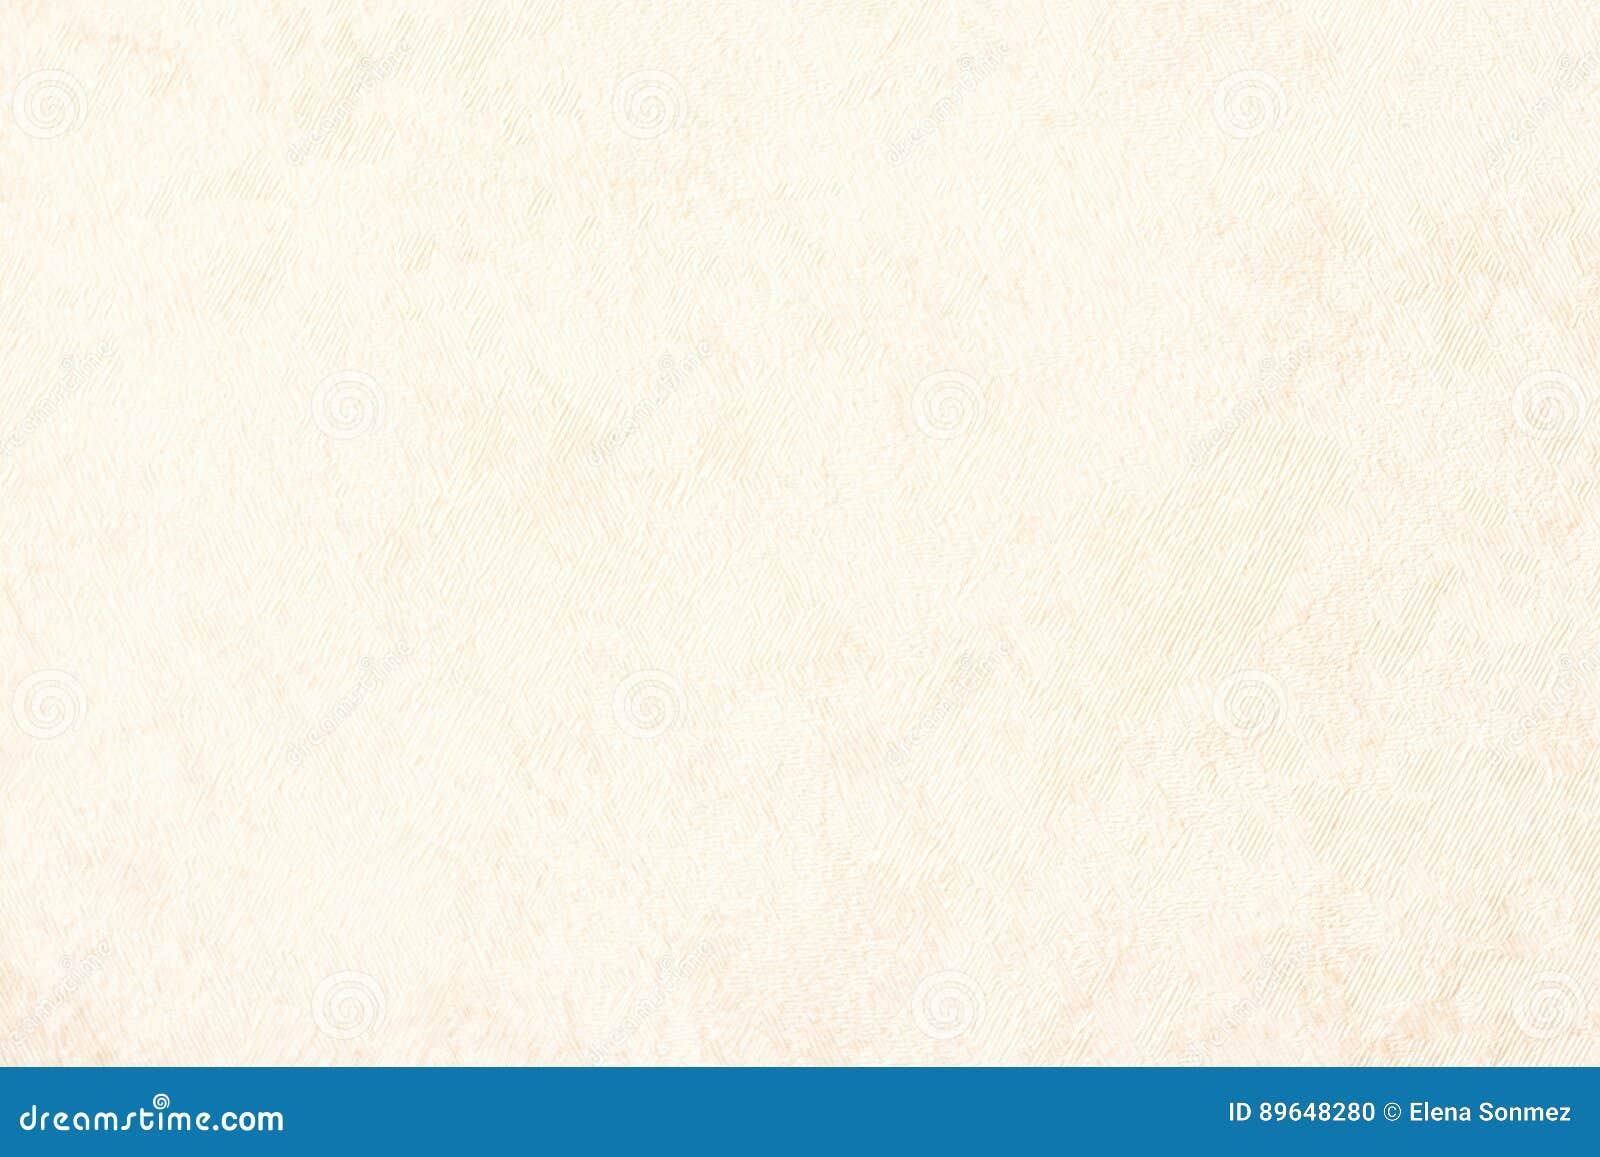 Van de achtergrond roomtextuur document beige kleur, perkamentdocument, websiteachtergrond